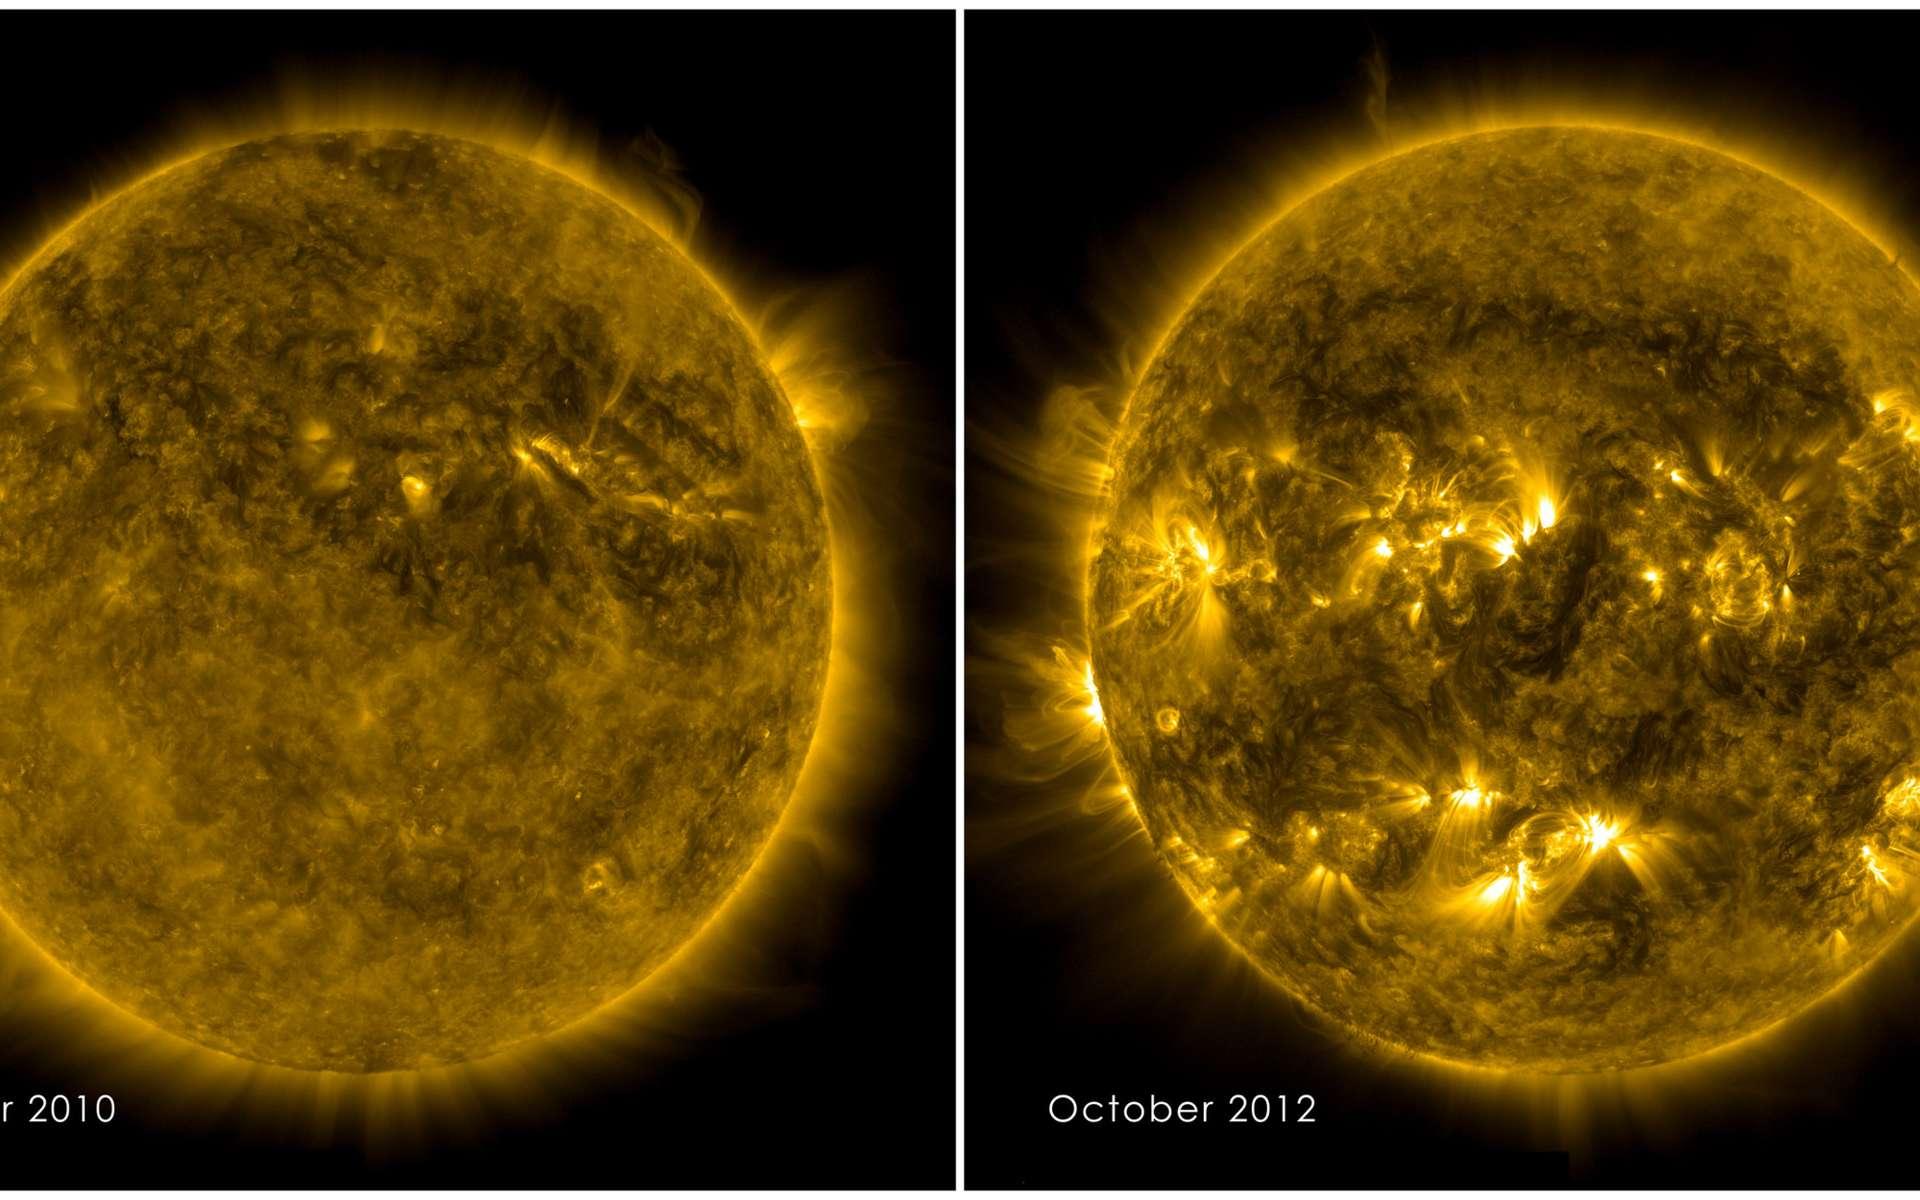 Cette image illustre bien l'activité du Soleil, qui se traduit par une variété de phénomènes qui varient de façon cyclique (11 ans), en fréquence et en intensité. Les taches solaires, bien plus nombreuses sur l'image de droite, en sont l'exemple le plus concret. © Nasa/ SDO Science team